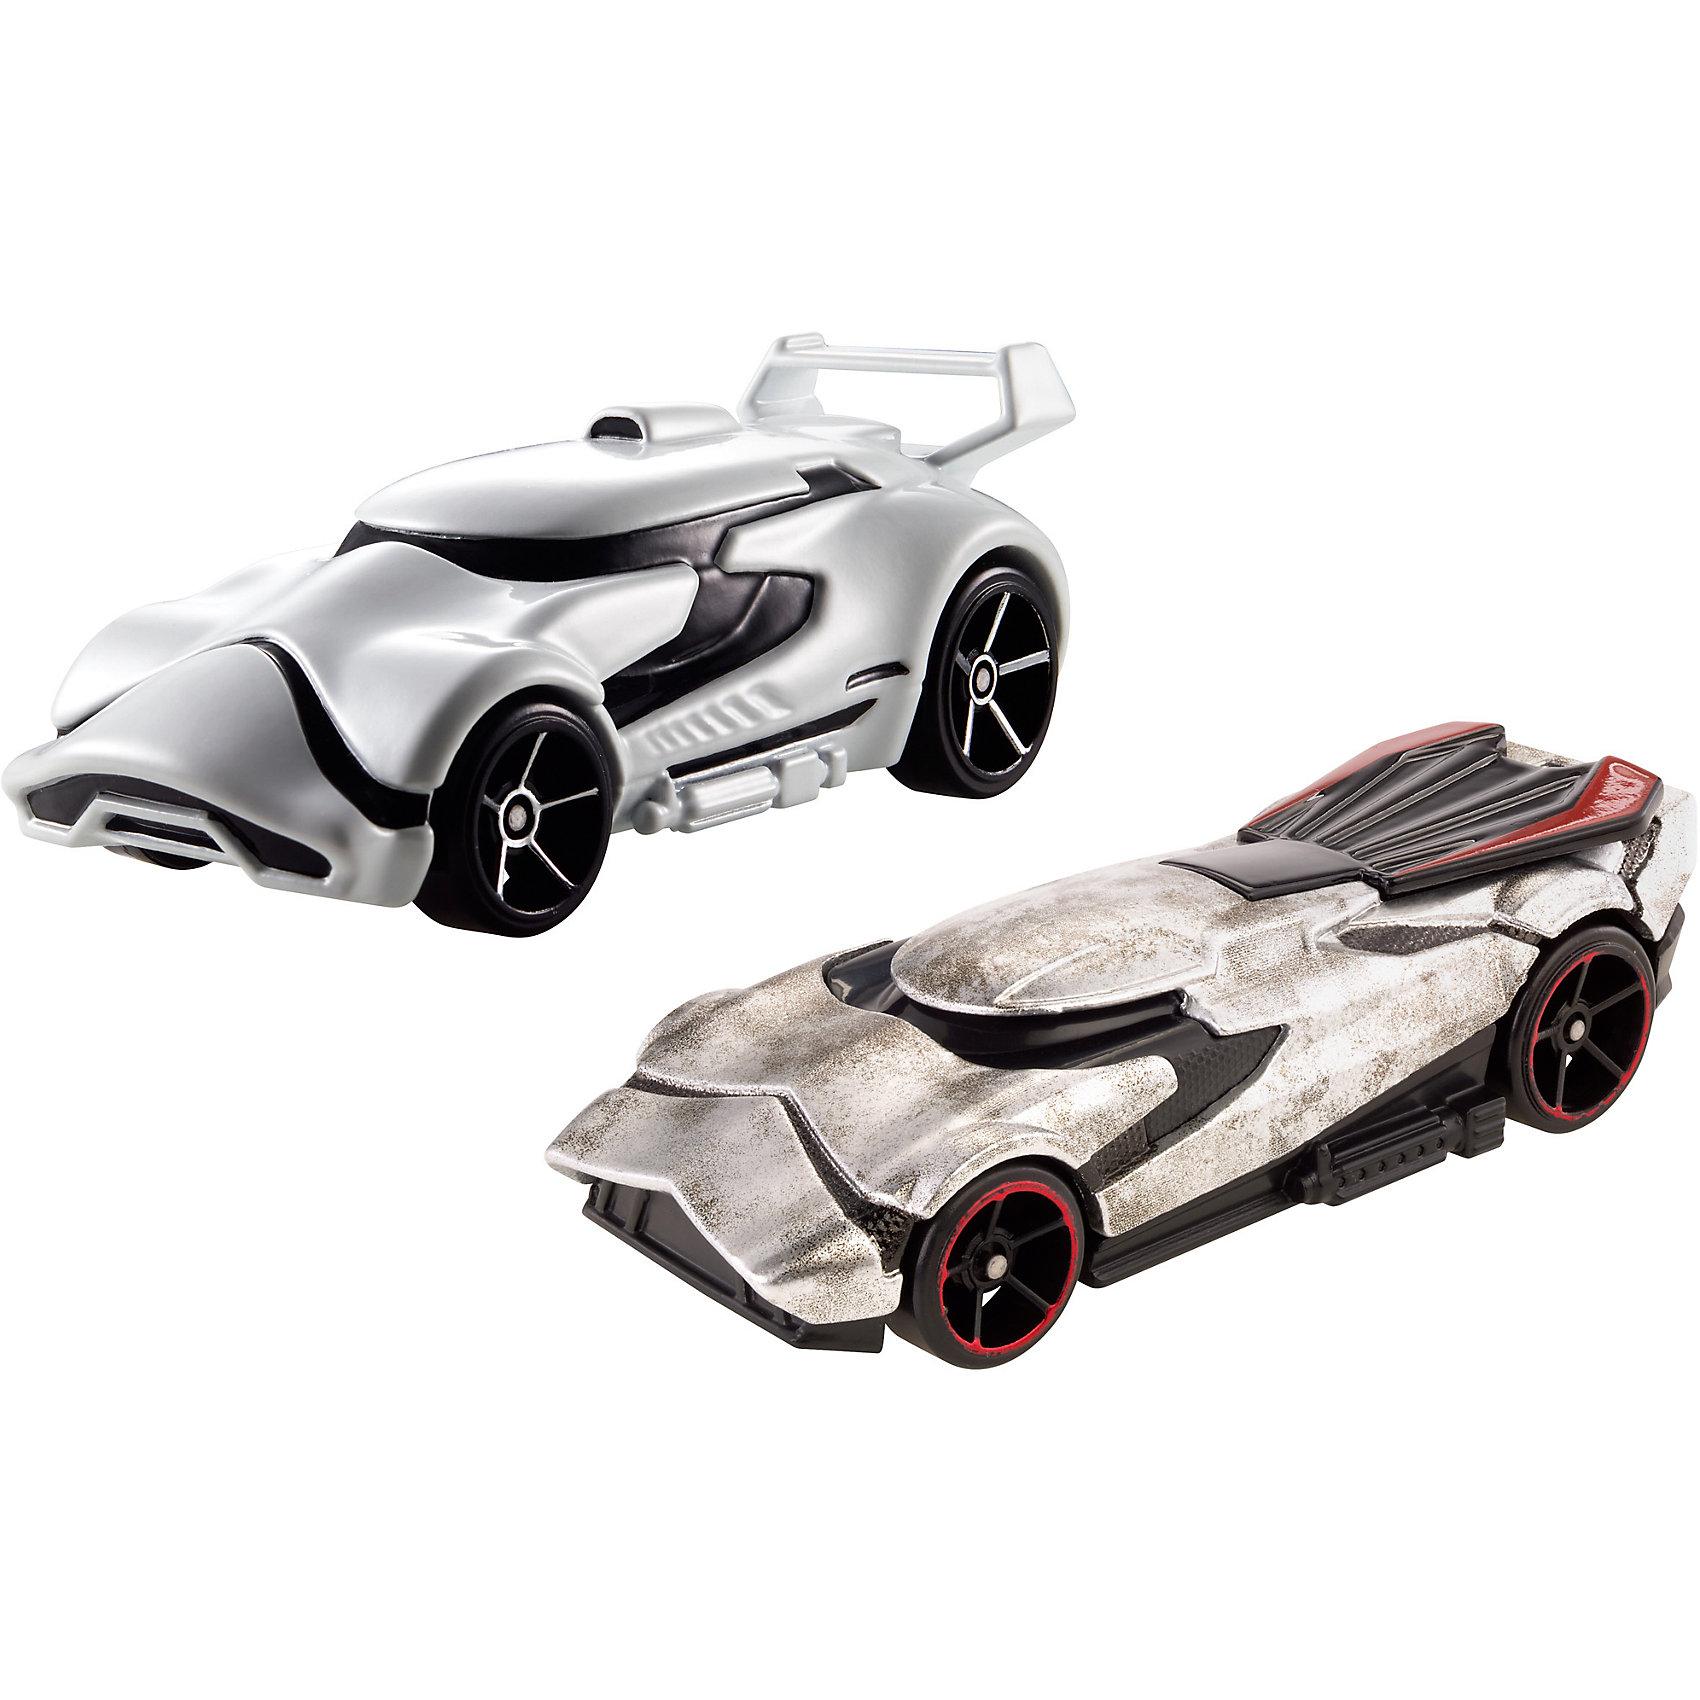 Набор из 2-х машинок Звездные войны, Hot WheelsПопулярные игрушки<br>Базовые машинки Star Wars, Hot Wheels (Хот Вилс) – этот набор порадует юного автолюбителя и поклонника межгалактических приключений. В этом наборе от Хот Вилс любимые миллионами персонажи «Звездных войн» робот C-3PO и астродроид R2D2 предстают в виде машинок. Несмотря на то, что их внешний вид в фильмах нисколько не походил на машины, каждый персонаж прекрасно узнаваем по цветам и характерным деталям, которые перешли от героев в дизайн автомобилей. Машинки понравятся поклонникам всех возрастов: соберите полную коллекцию и устраивайте гонки по всей галактике!  <br><br>Дополнительная информация:  <br>- В комплекте: 2 машины <br>- Масштаб: 1:64 <br>- Материал: пластик, металл <br>- Упаковка: блистер на картоне <br>- Размер упаковки: 20,3 x 6,4 x 16,5 см.  <br><br>Базовые машинки Star Wars, Hot Wheels (Хот Вилс) можно купить в нашем интернет-магазине.<br><br>Ширина мм: 65<br>Глубина мм: 205<br>Высота мм: 165<br>Вес г: 166<br>Возраст от месяцев: 48<br>Возраст до месяцев: 120<br>Пол: Мужской<br>Возраст: Детский<br>SKU: 4983083